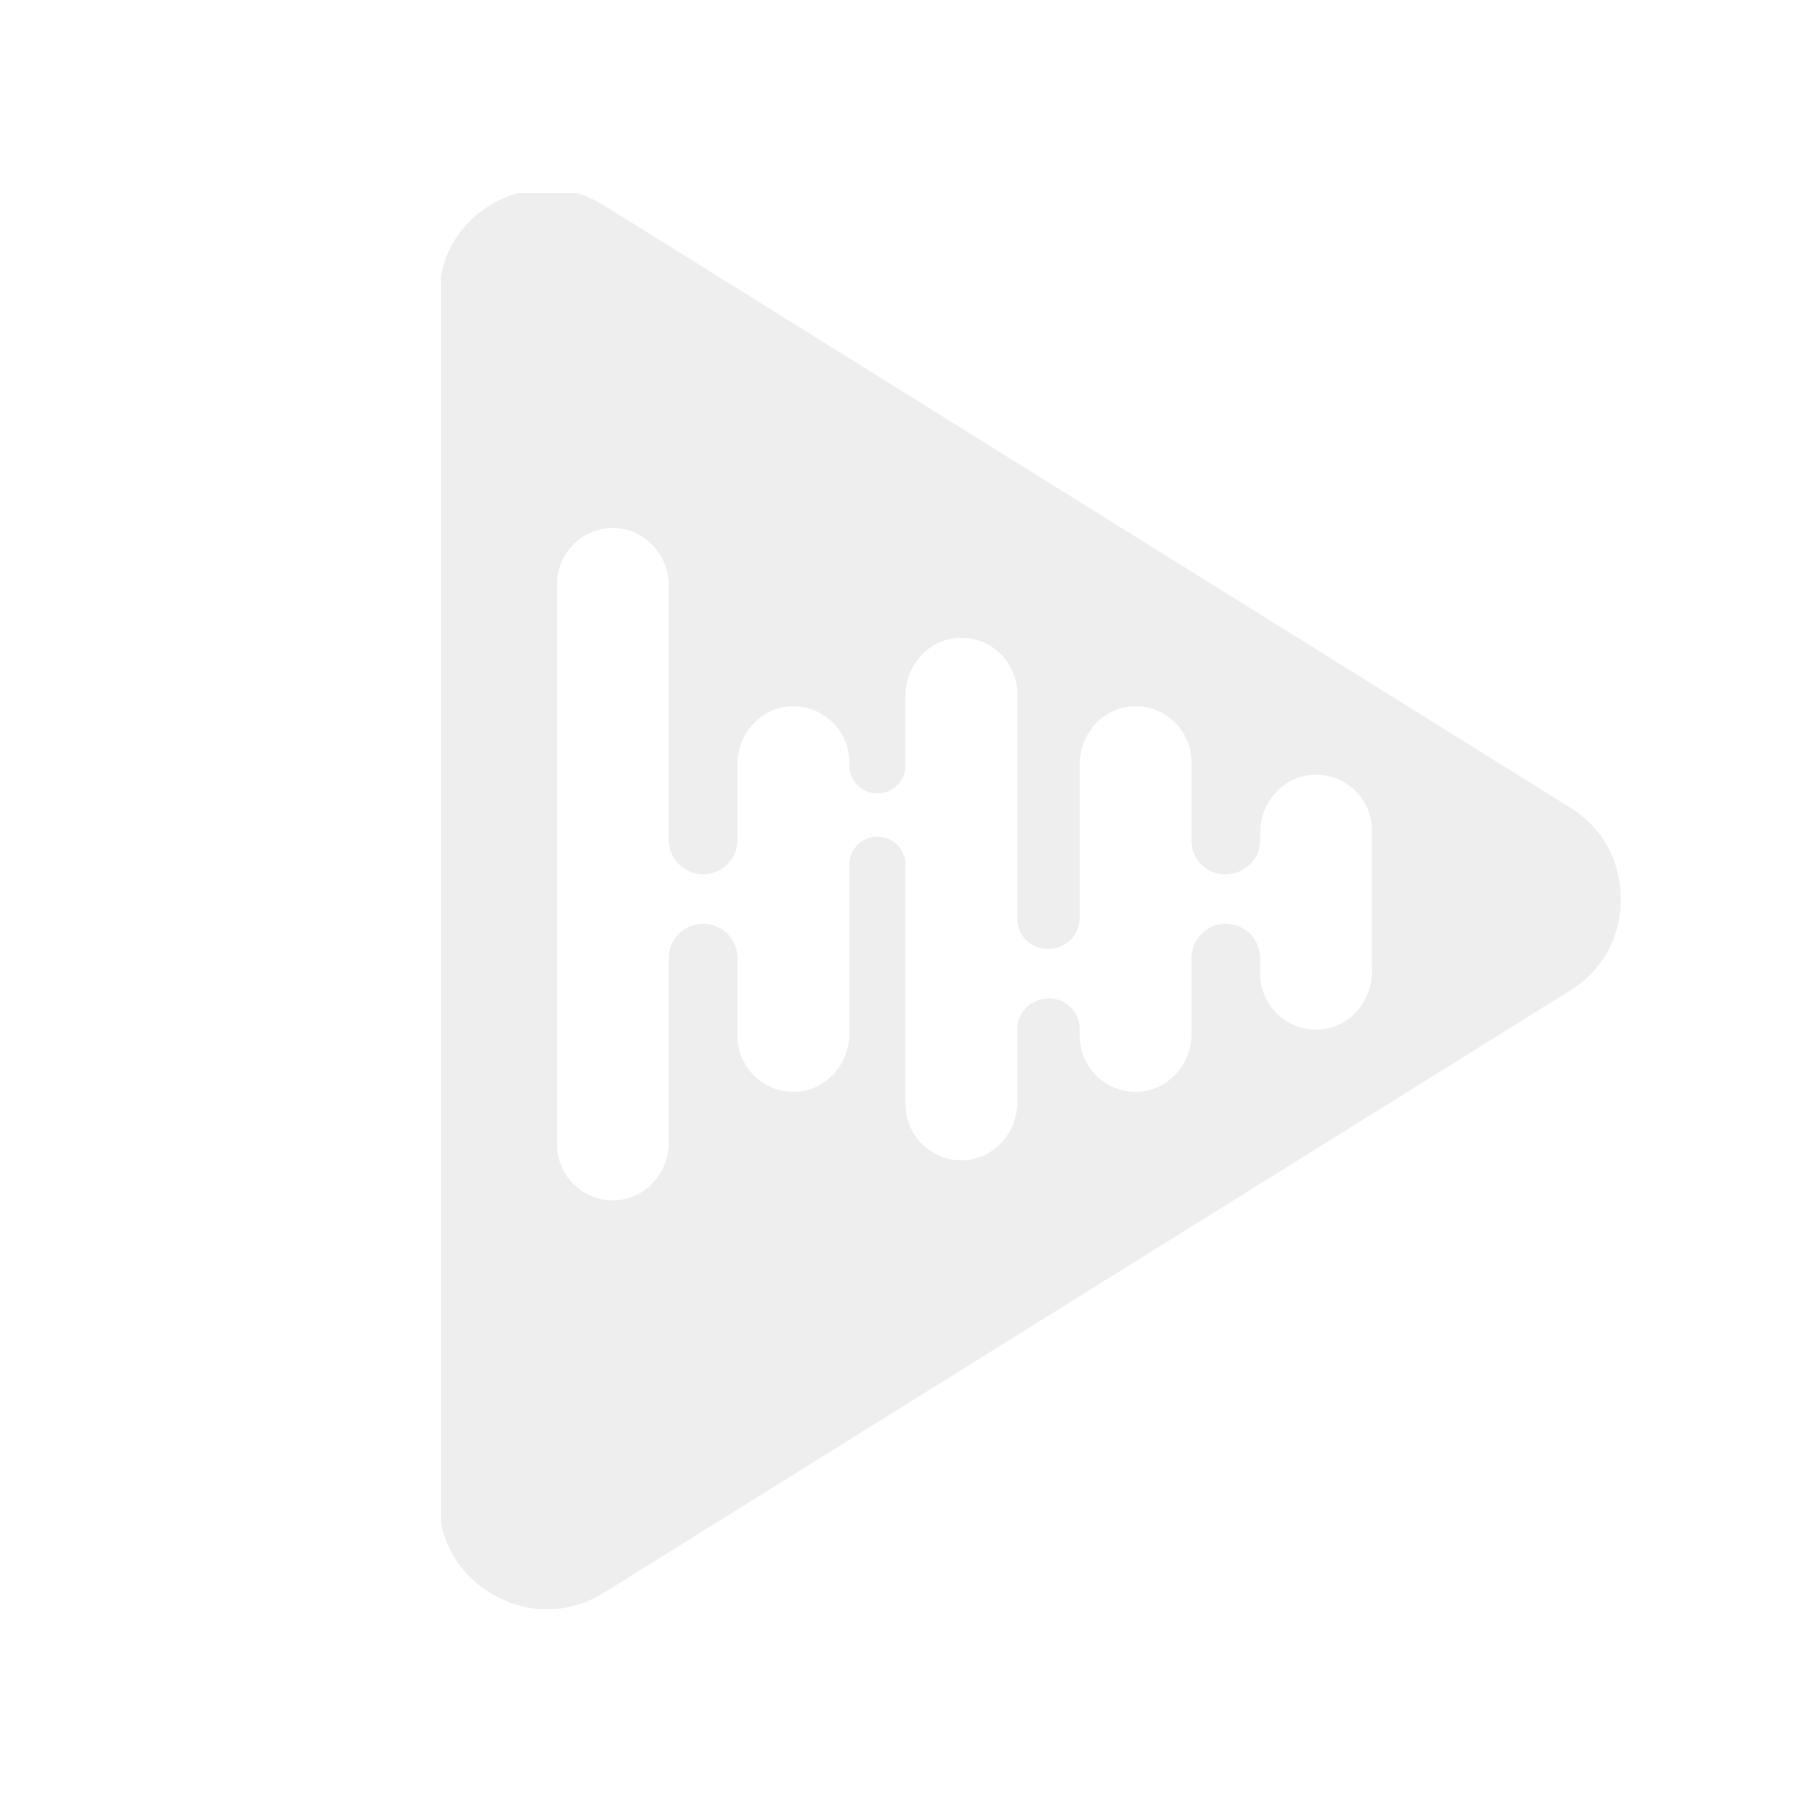 Klipsch 1011867 - Frontdeksel til RB-51 II (Stk)